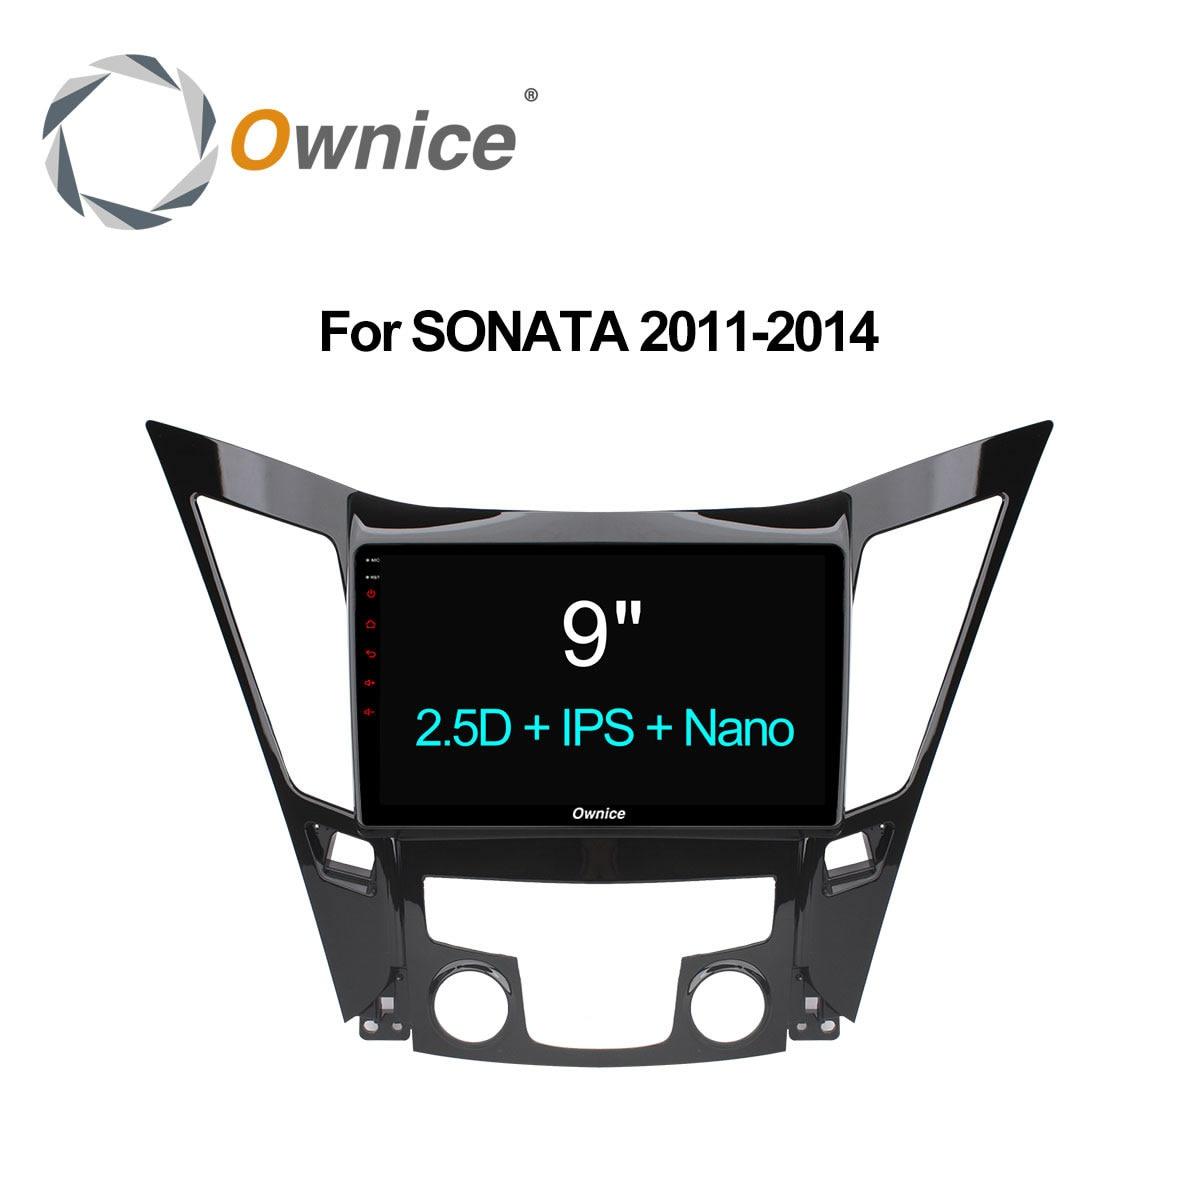 Ownice 9 Octa Core 2G + 32G lecteur DVD de Voiture radio headunit stéréo pour Hyundai Sonata 2011-2014 audio android gps navi 4G LTE